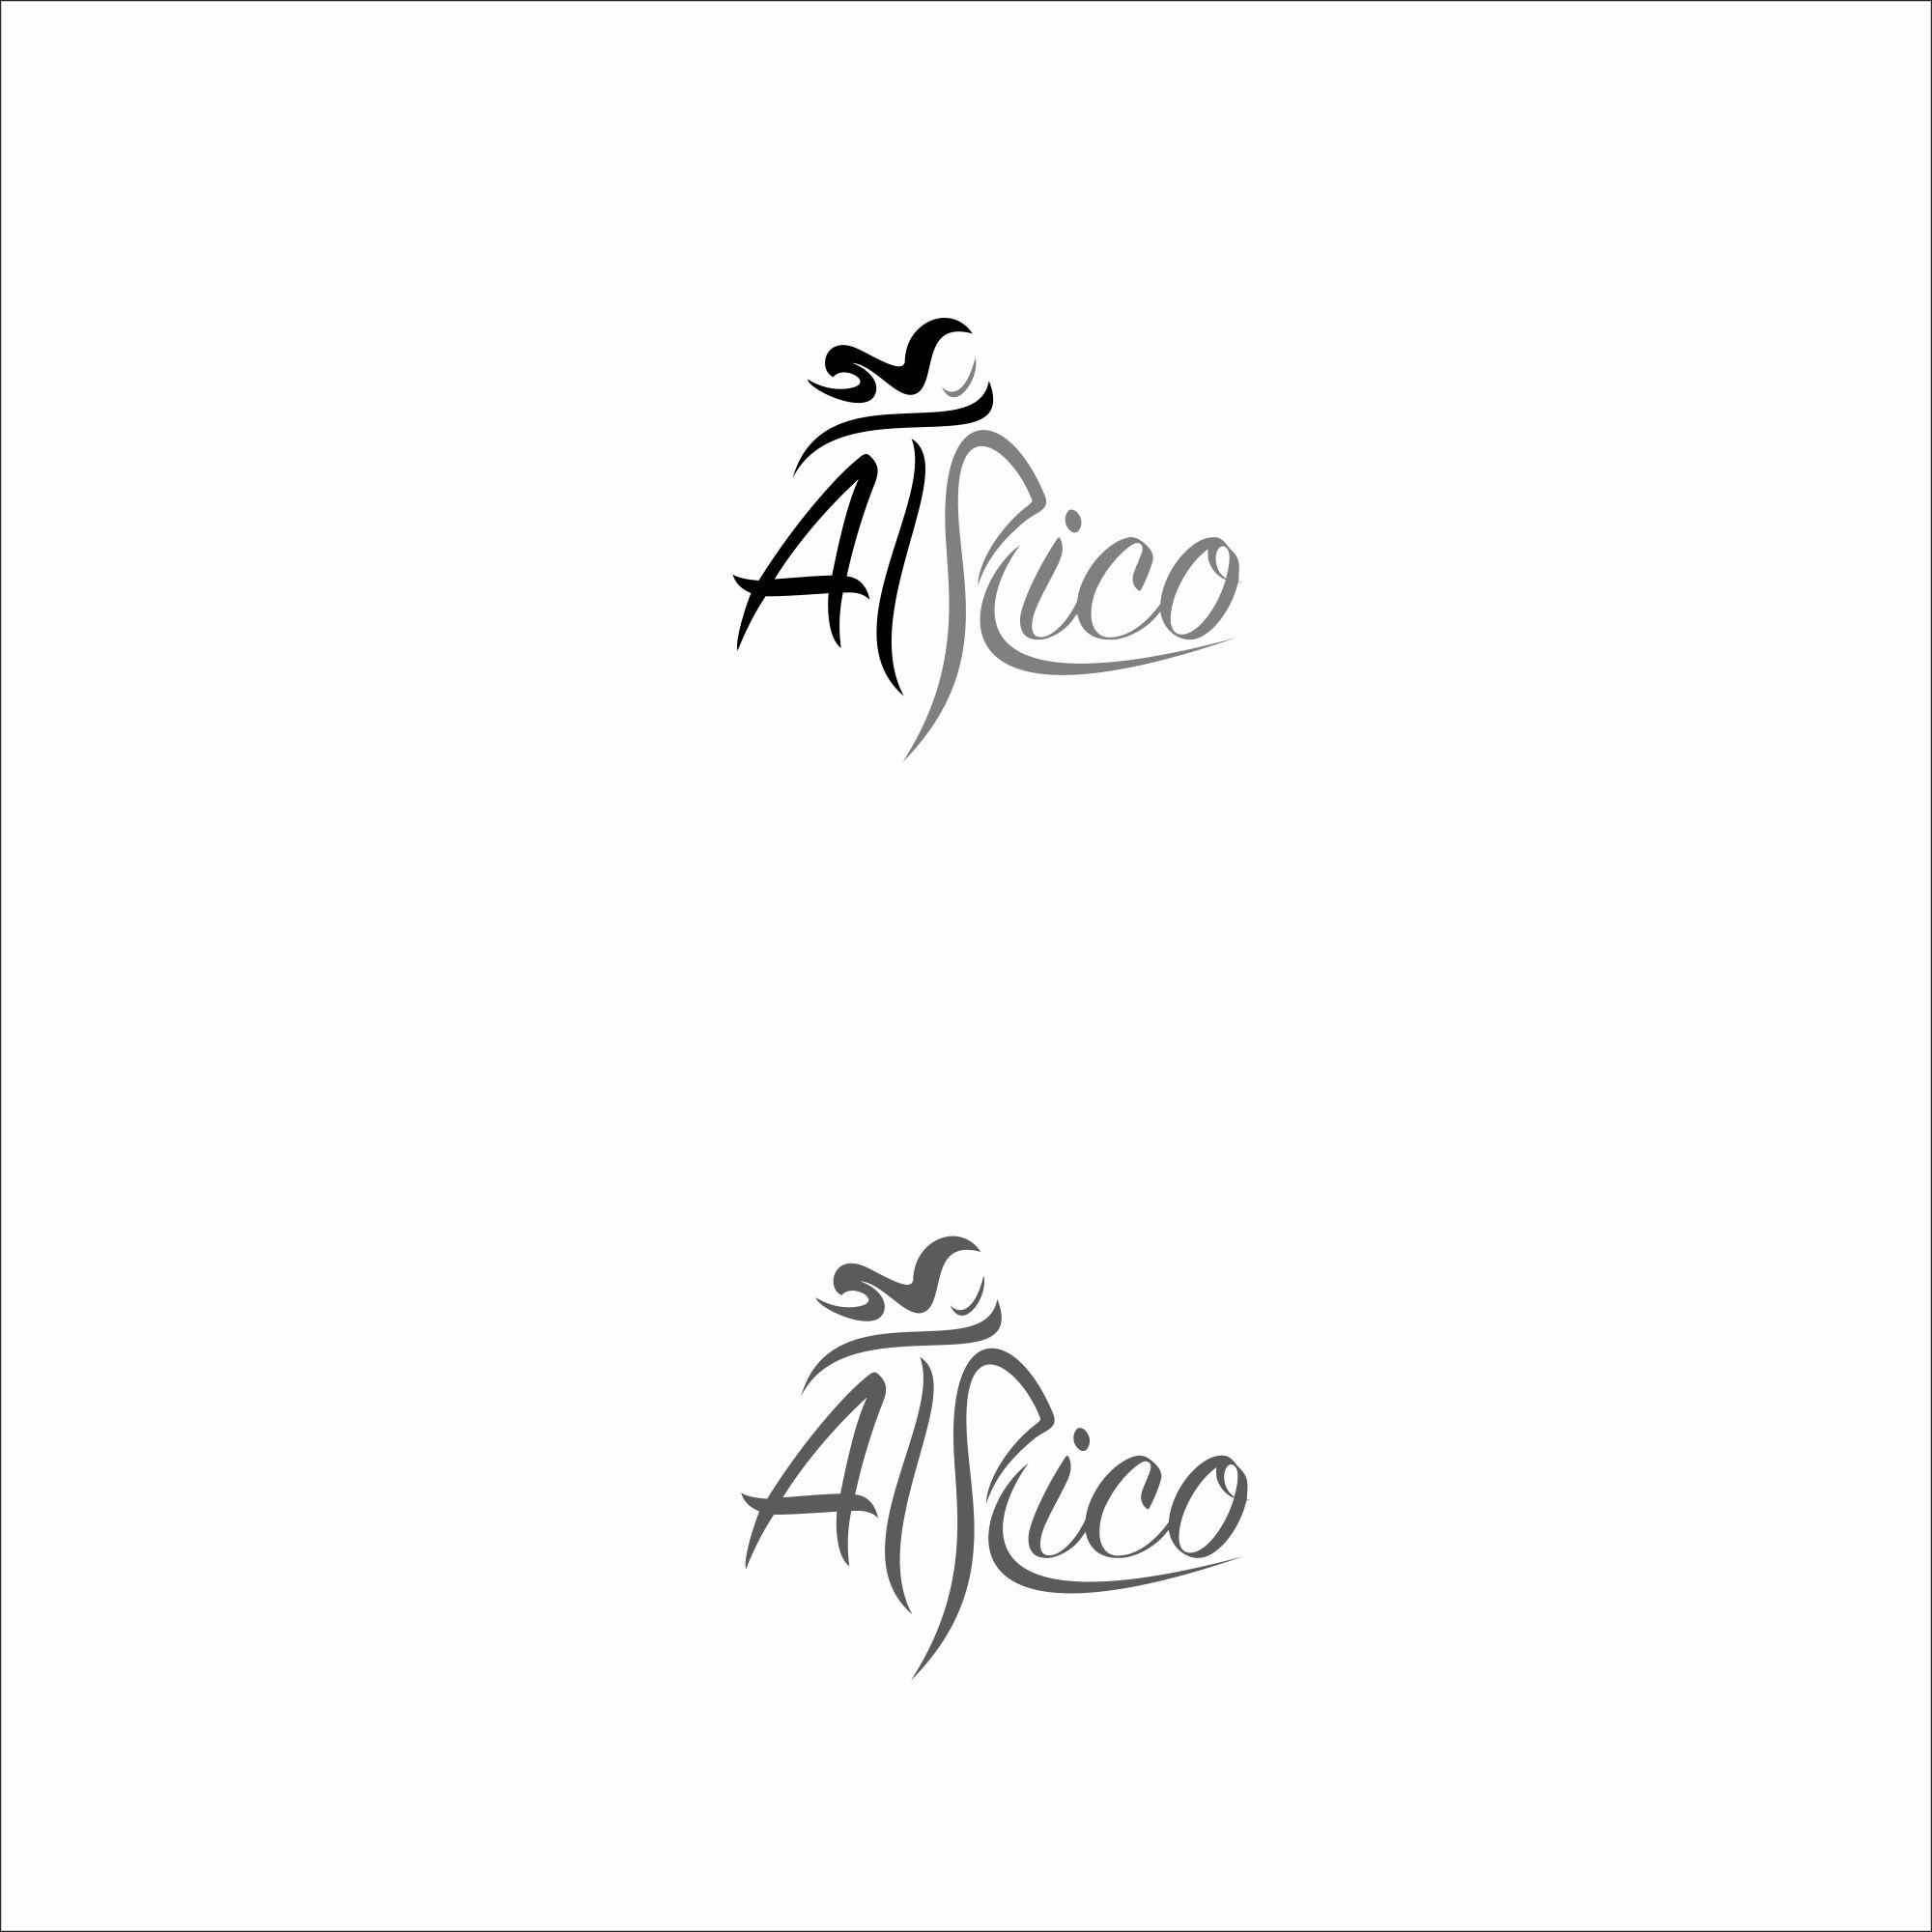 Логотип для брендовой пряжи и трикотажной одежды фото f_49760008f56a791b.jpg